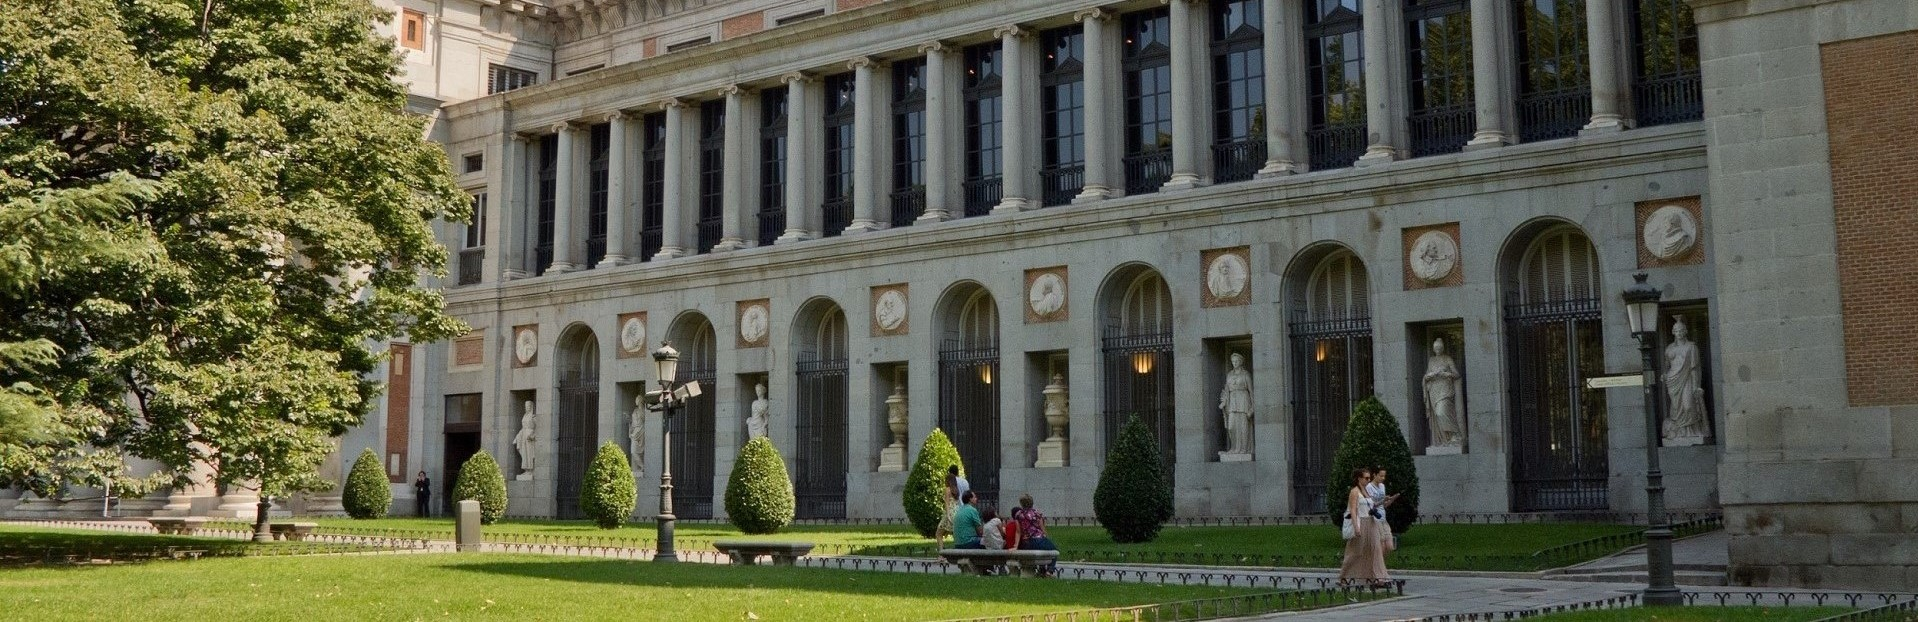 Museo_del_Prado_-_01_1920s1